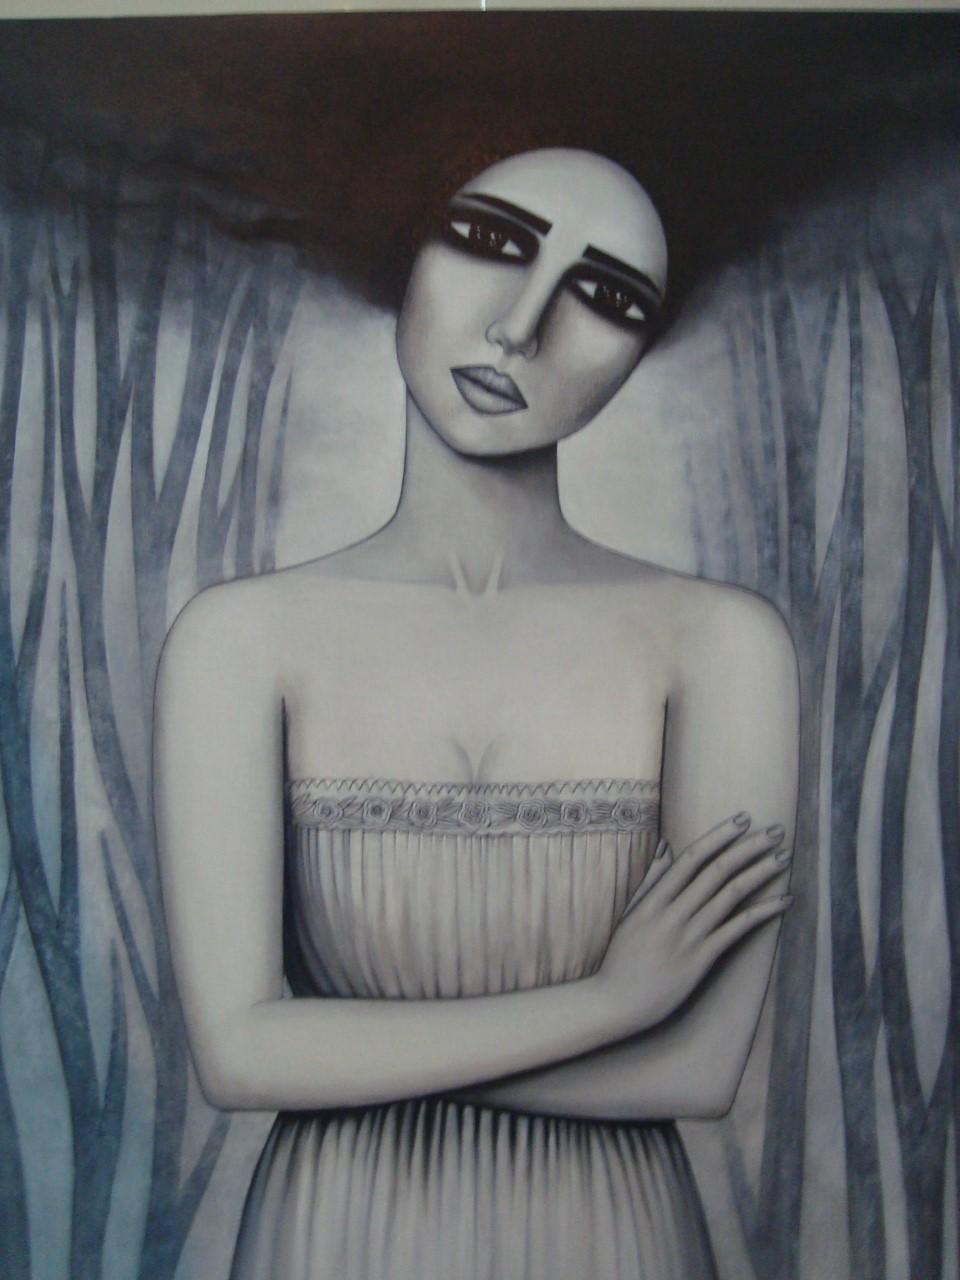 لوحة الفنانة سنا أتاسي في معرض الخريف السنوي بخان أسعد باشا بدمشق.jpg